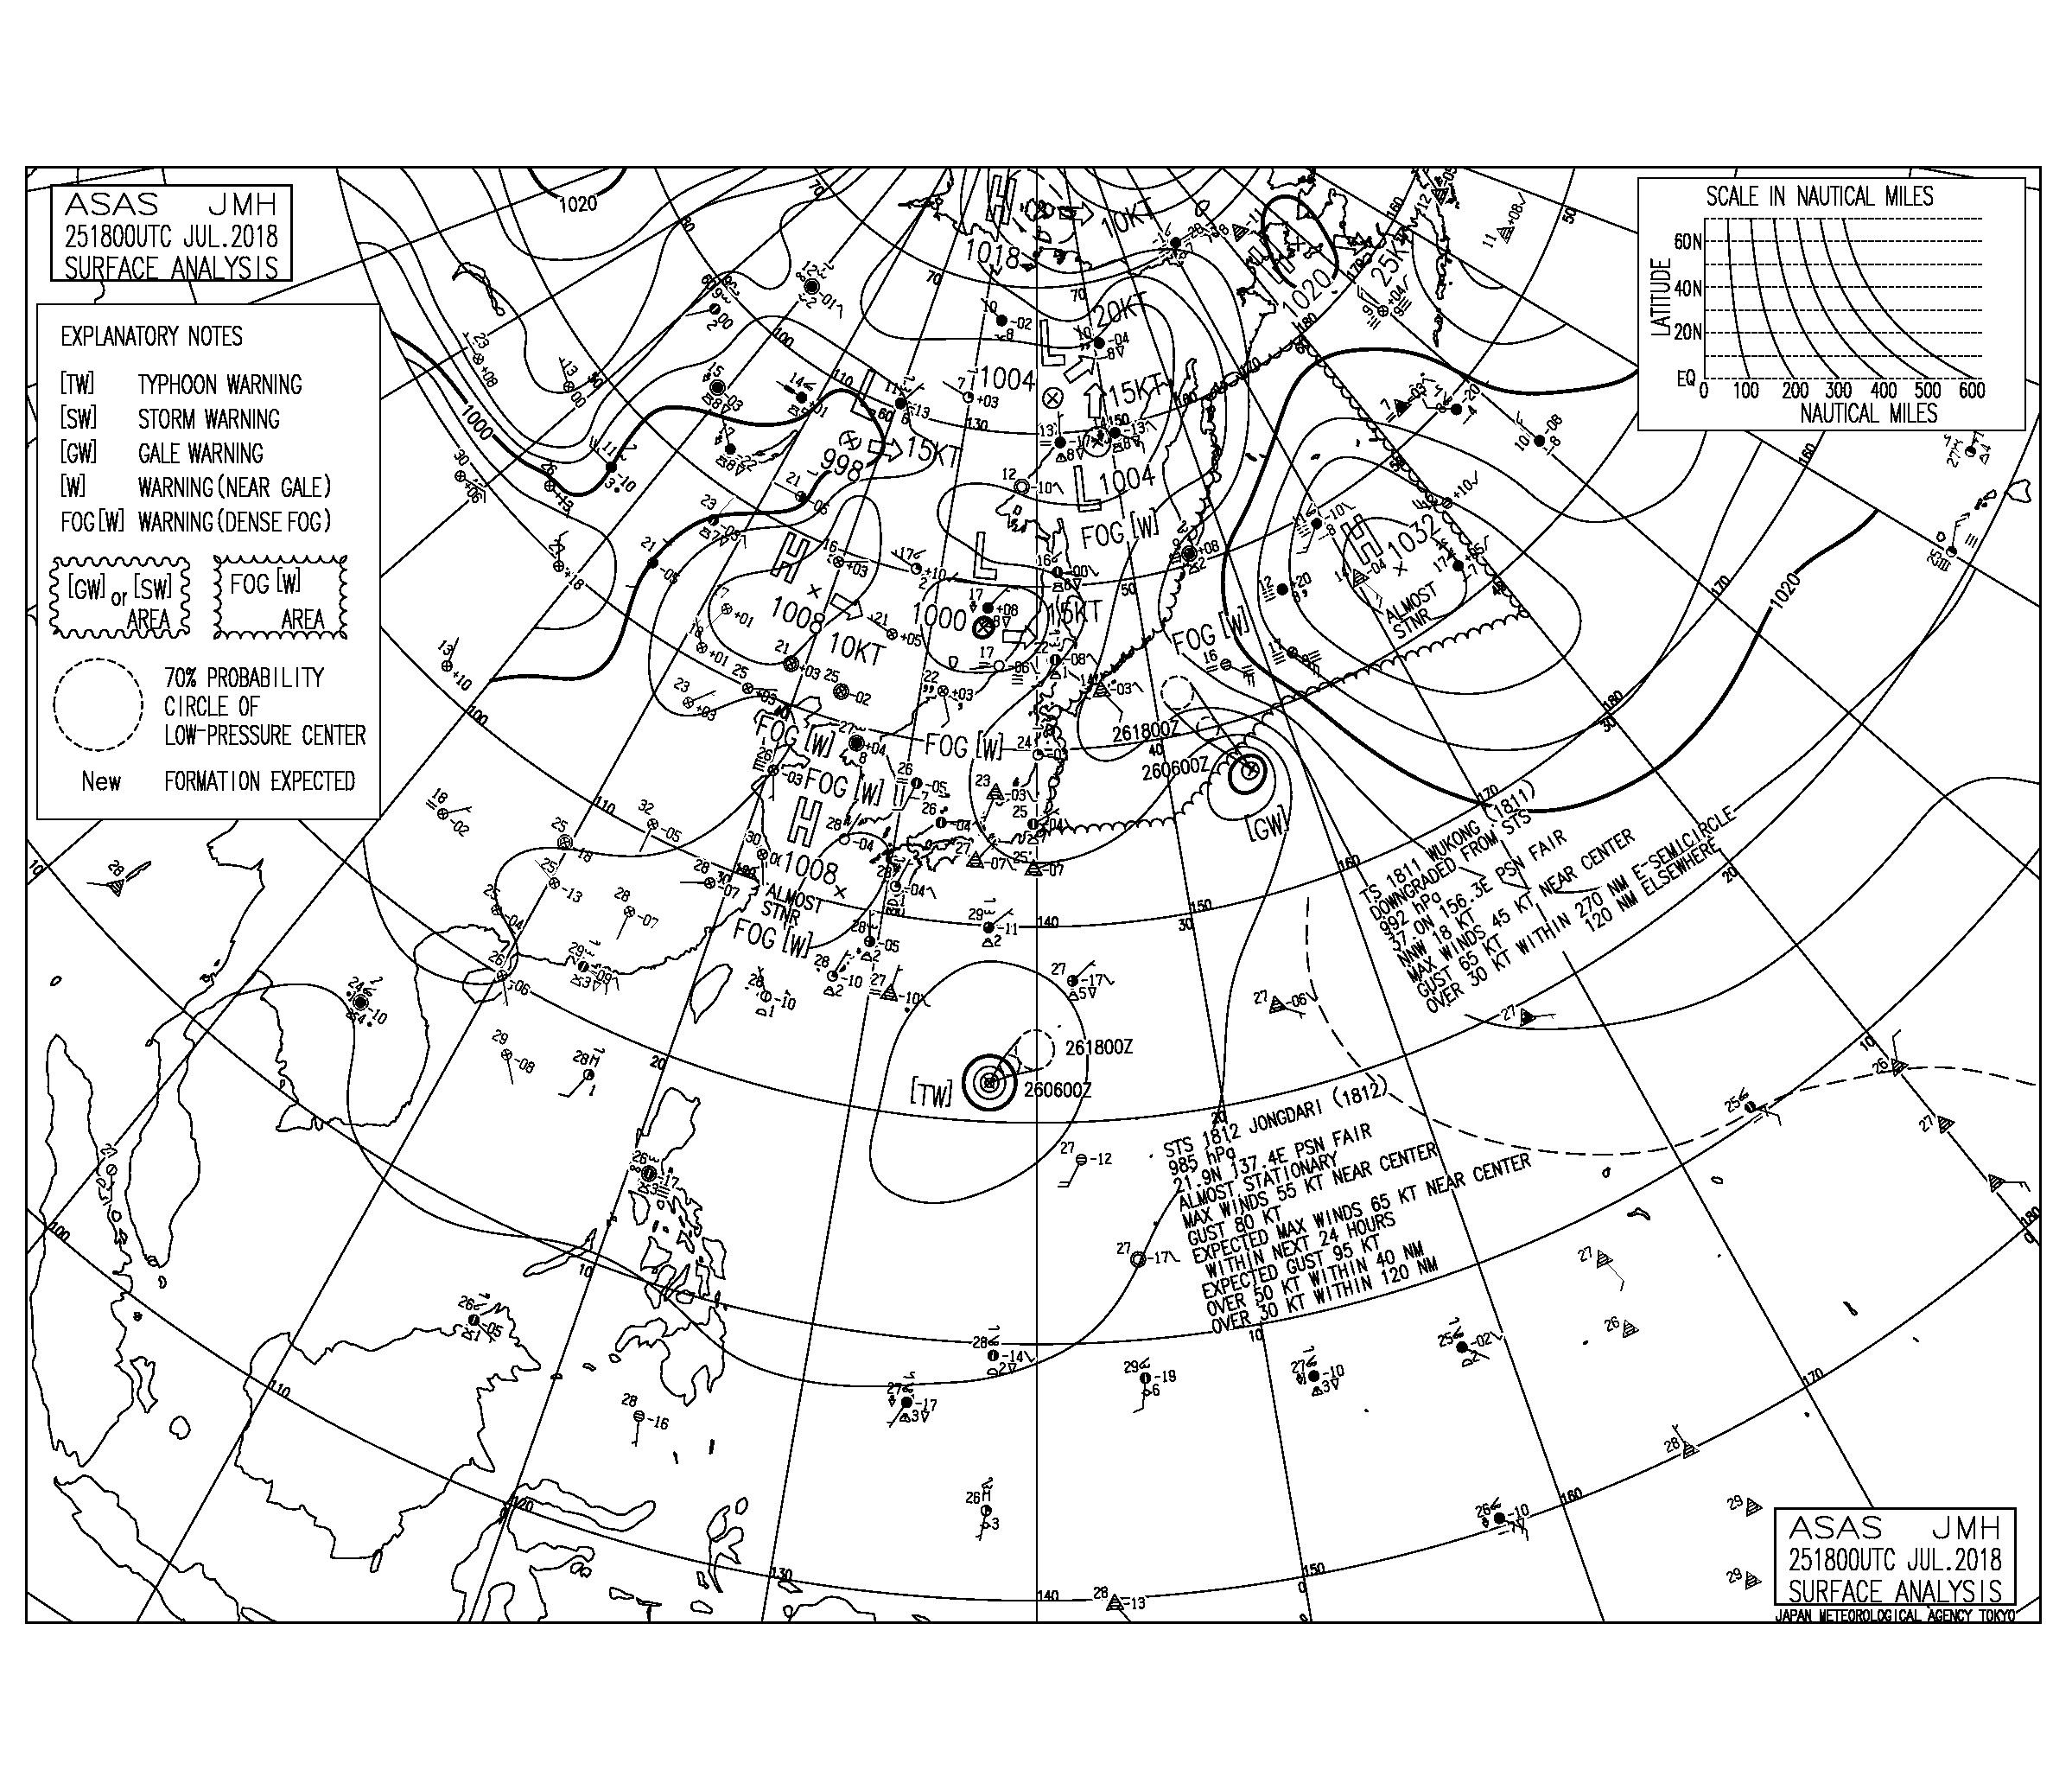 台風12号は北緯20度線を越えて北上中【2018.7.26】